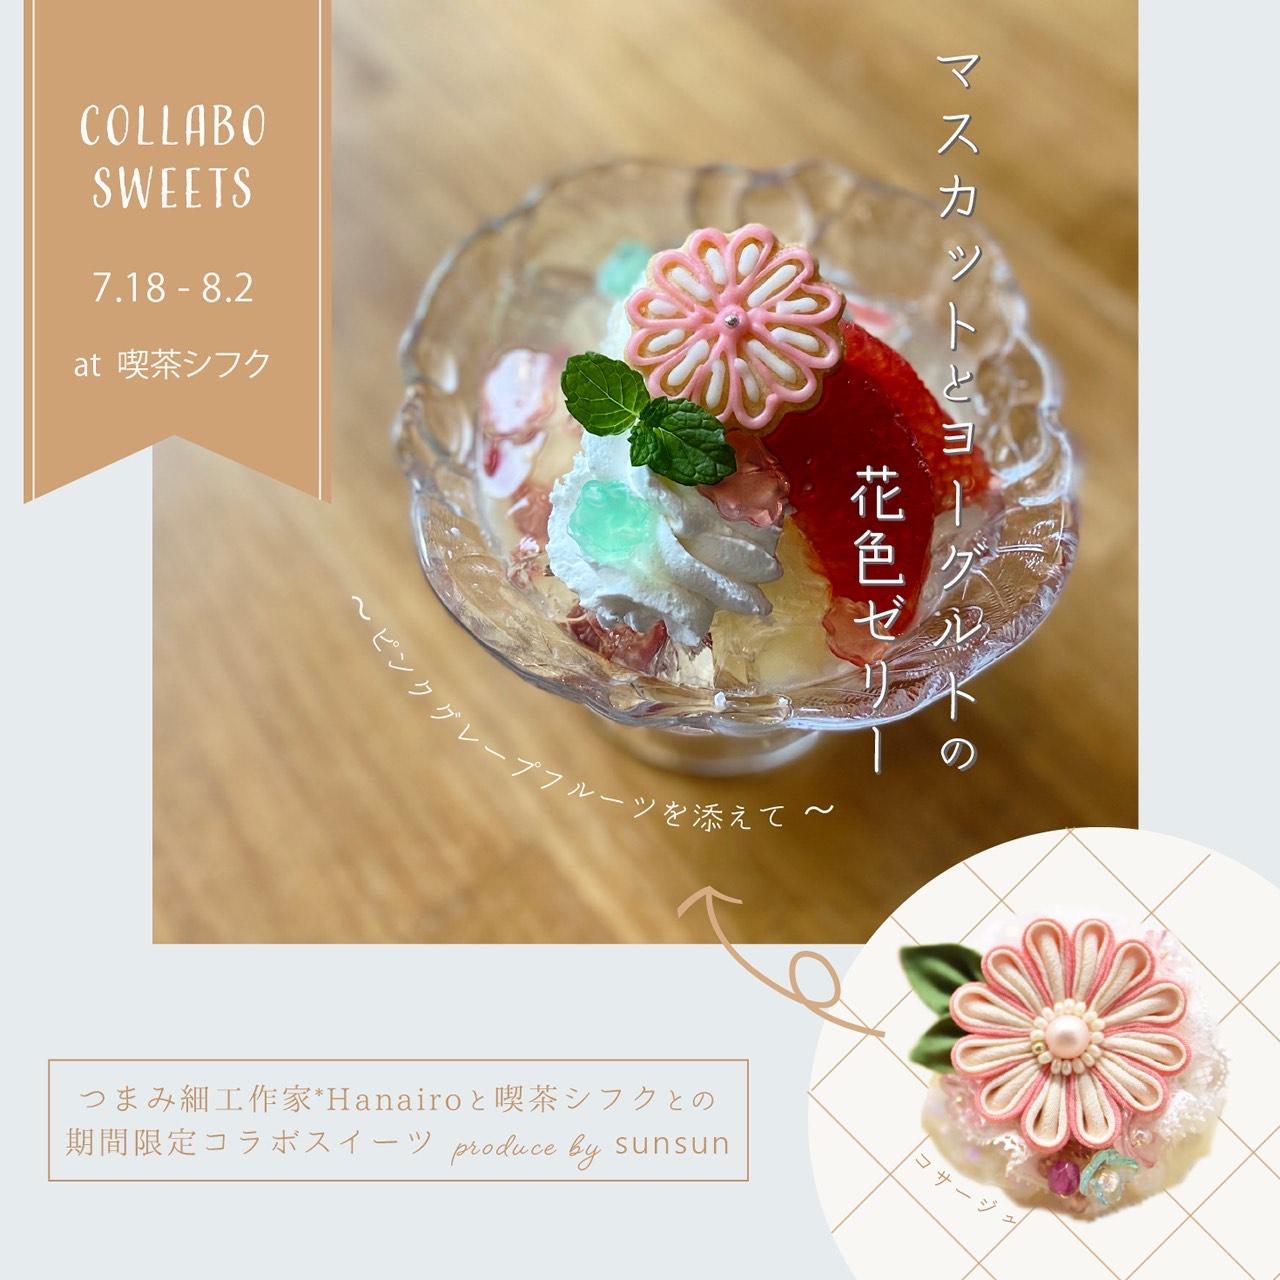 Hanairo 個展「お花やさん」コラボスーツ企画